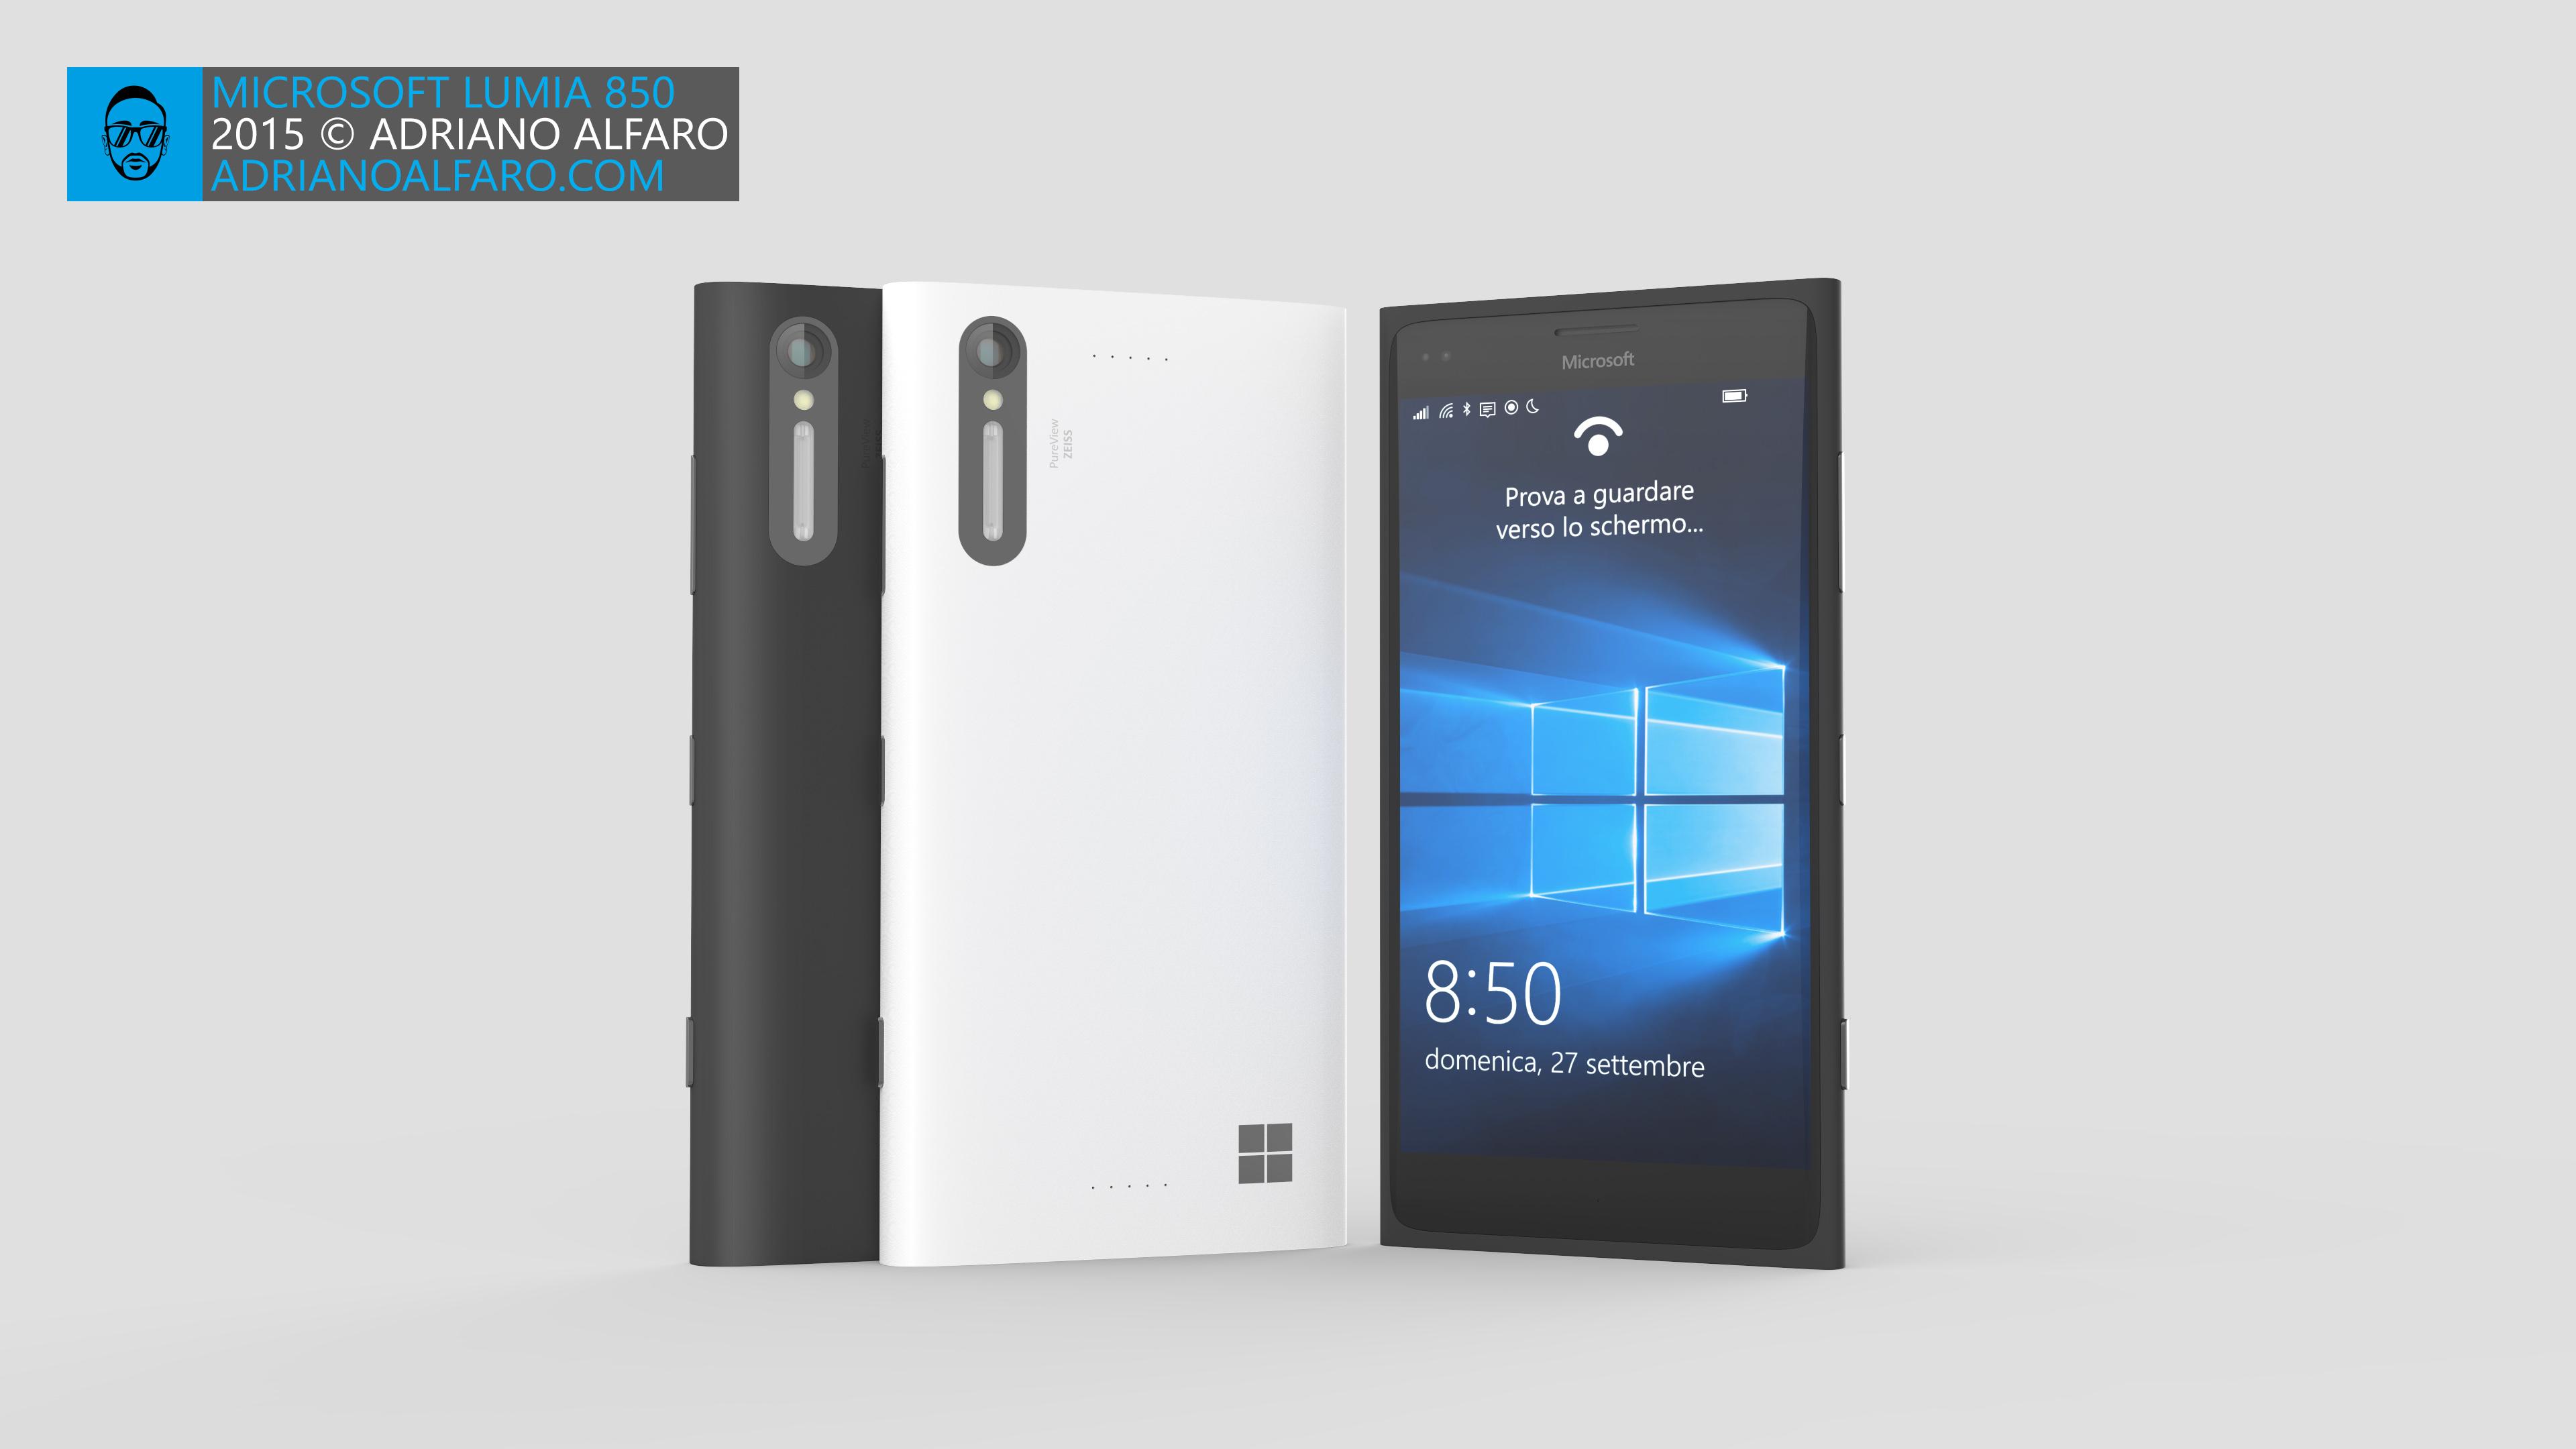 Microsoft_Lumia_850_Trio_Adriano_Alfaro